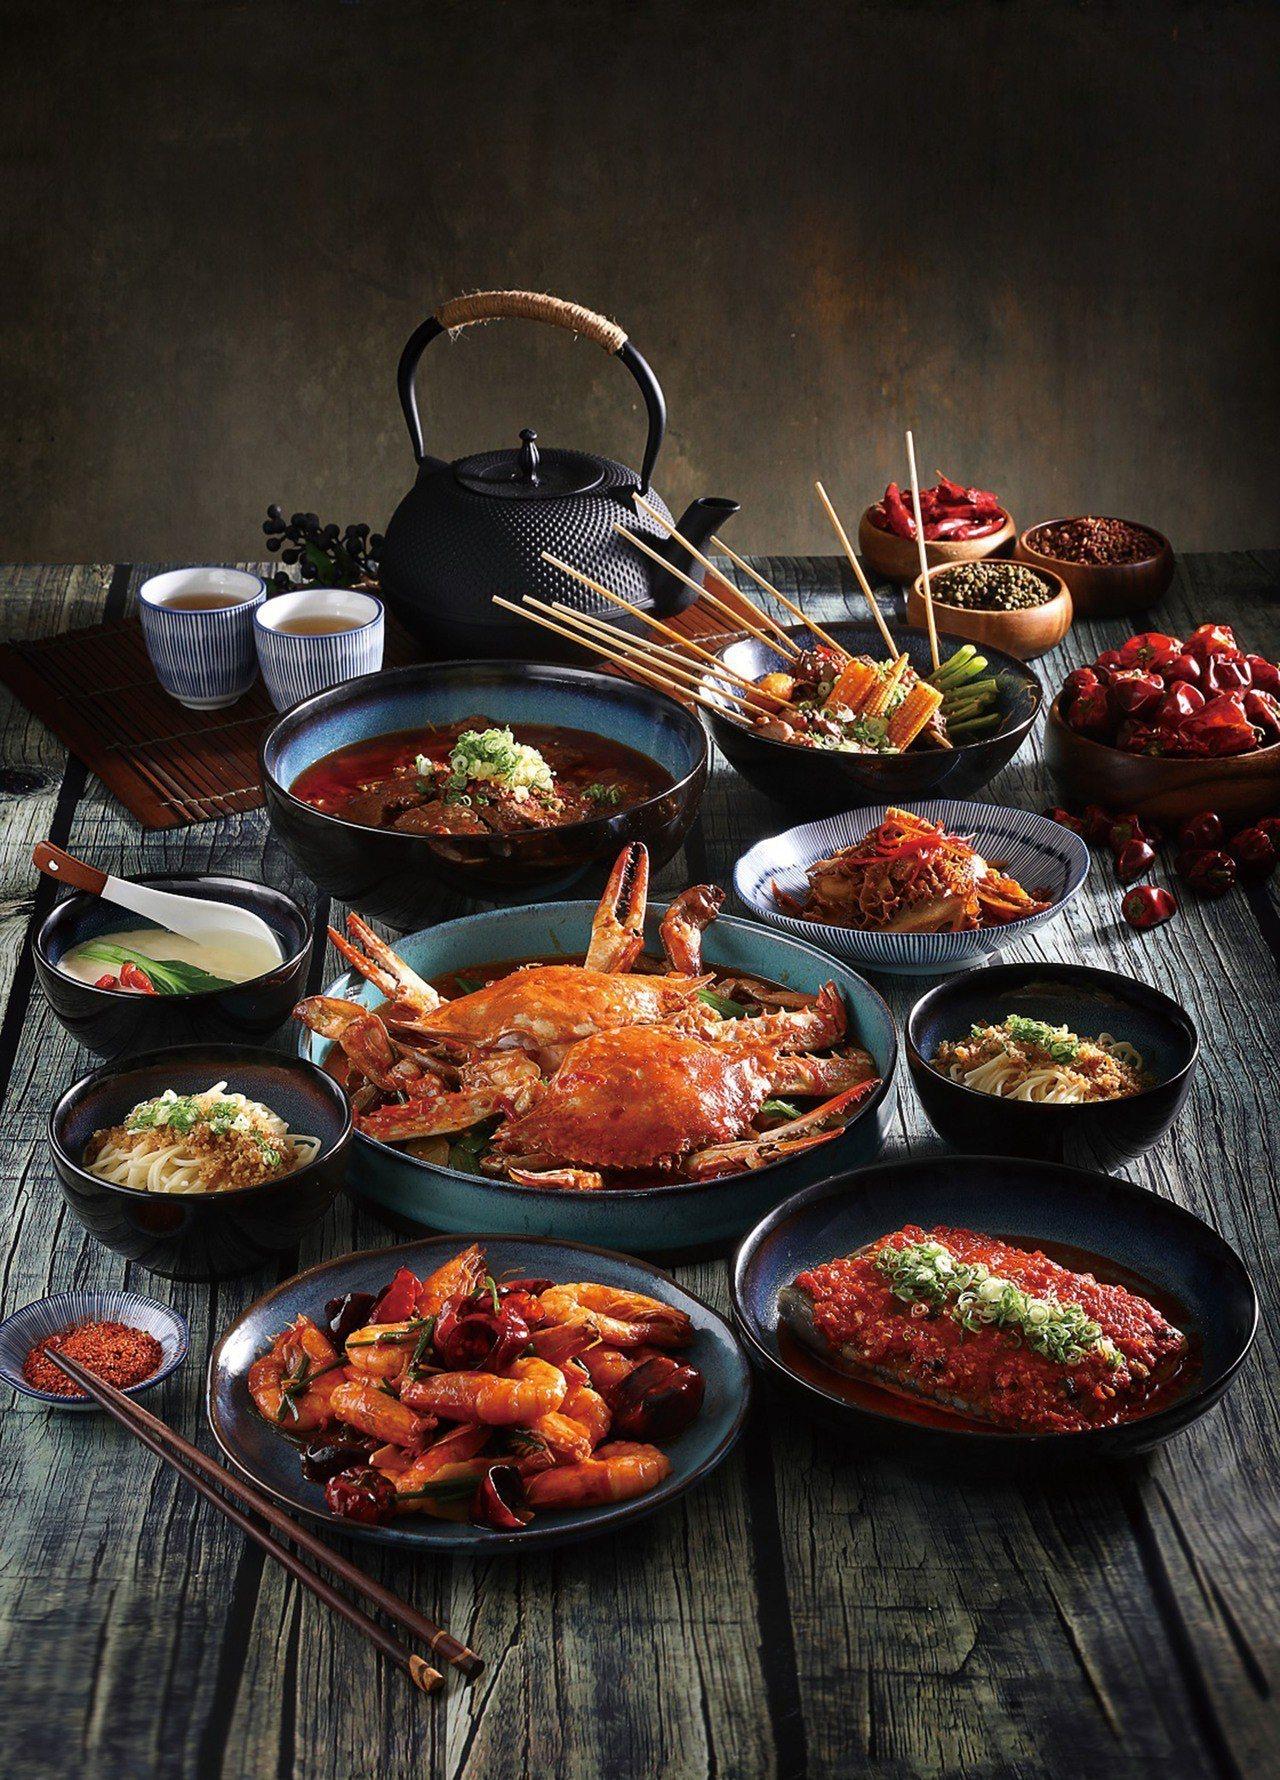 新光三越A9 Packie銀杏川酒菜館跨年推薦餐,5,280元。圖/新光三越提供